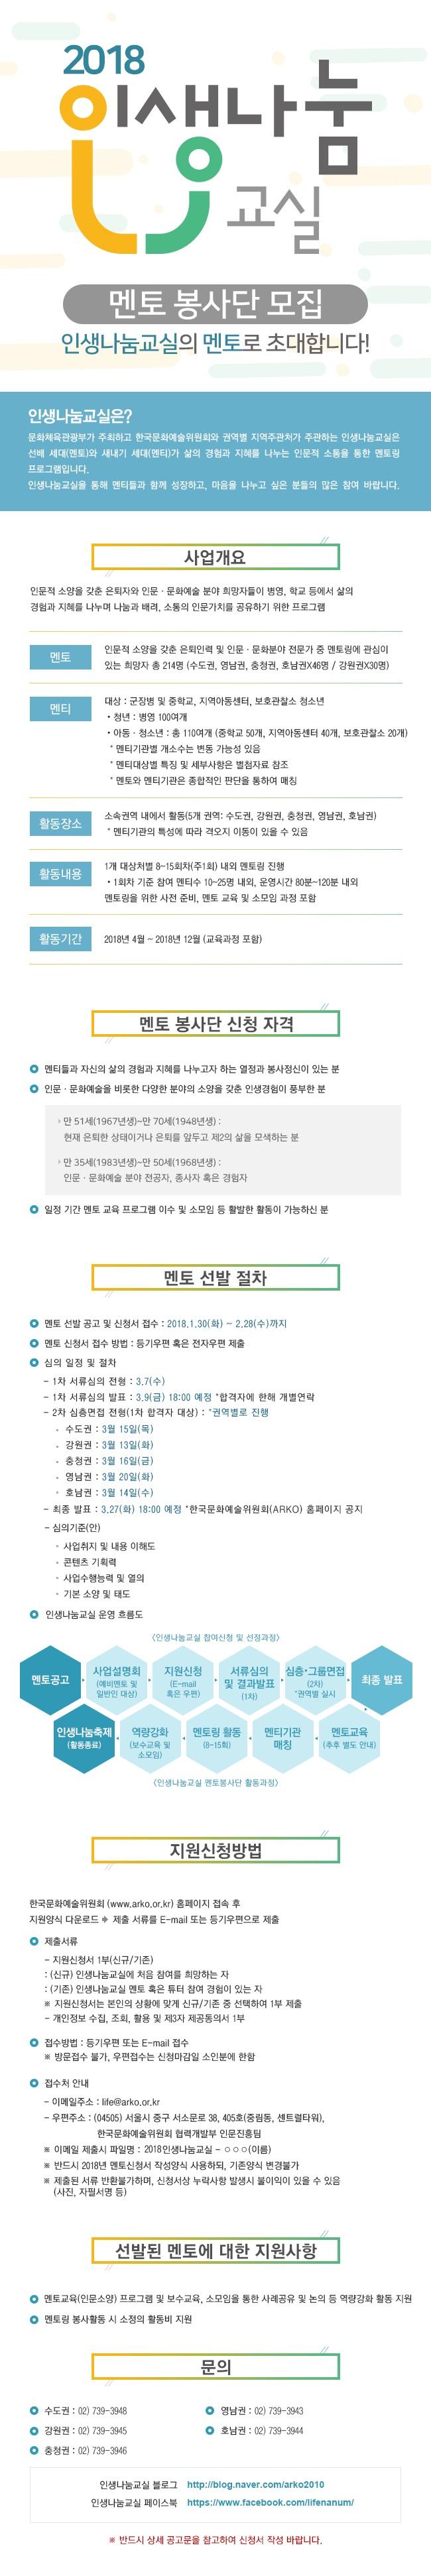 붙임3. 2018 인생나눔교실 멘토공고(웹용이미지)_최종.jpg